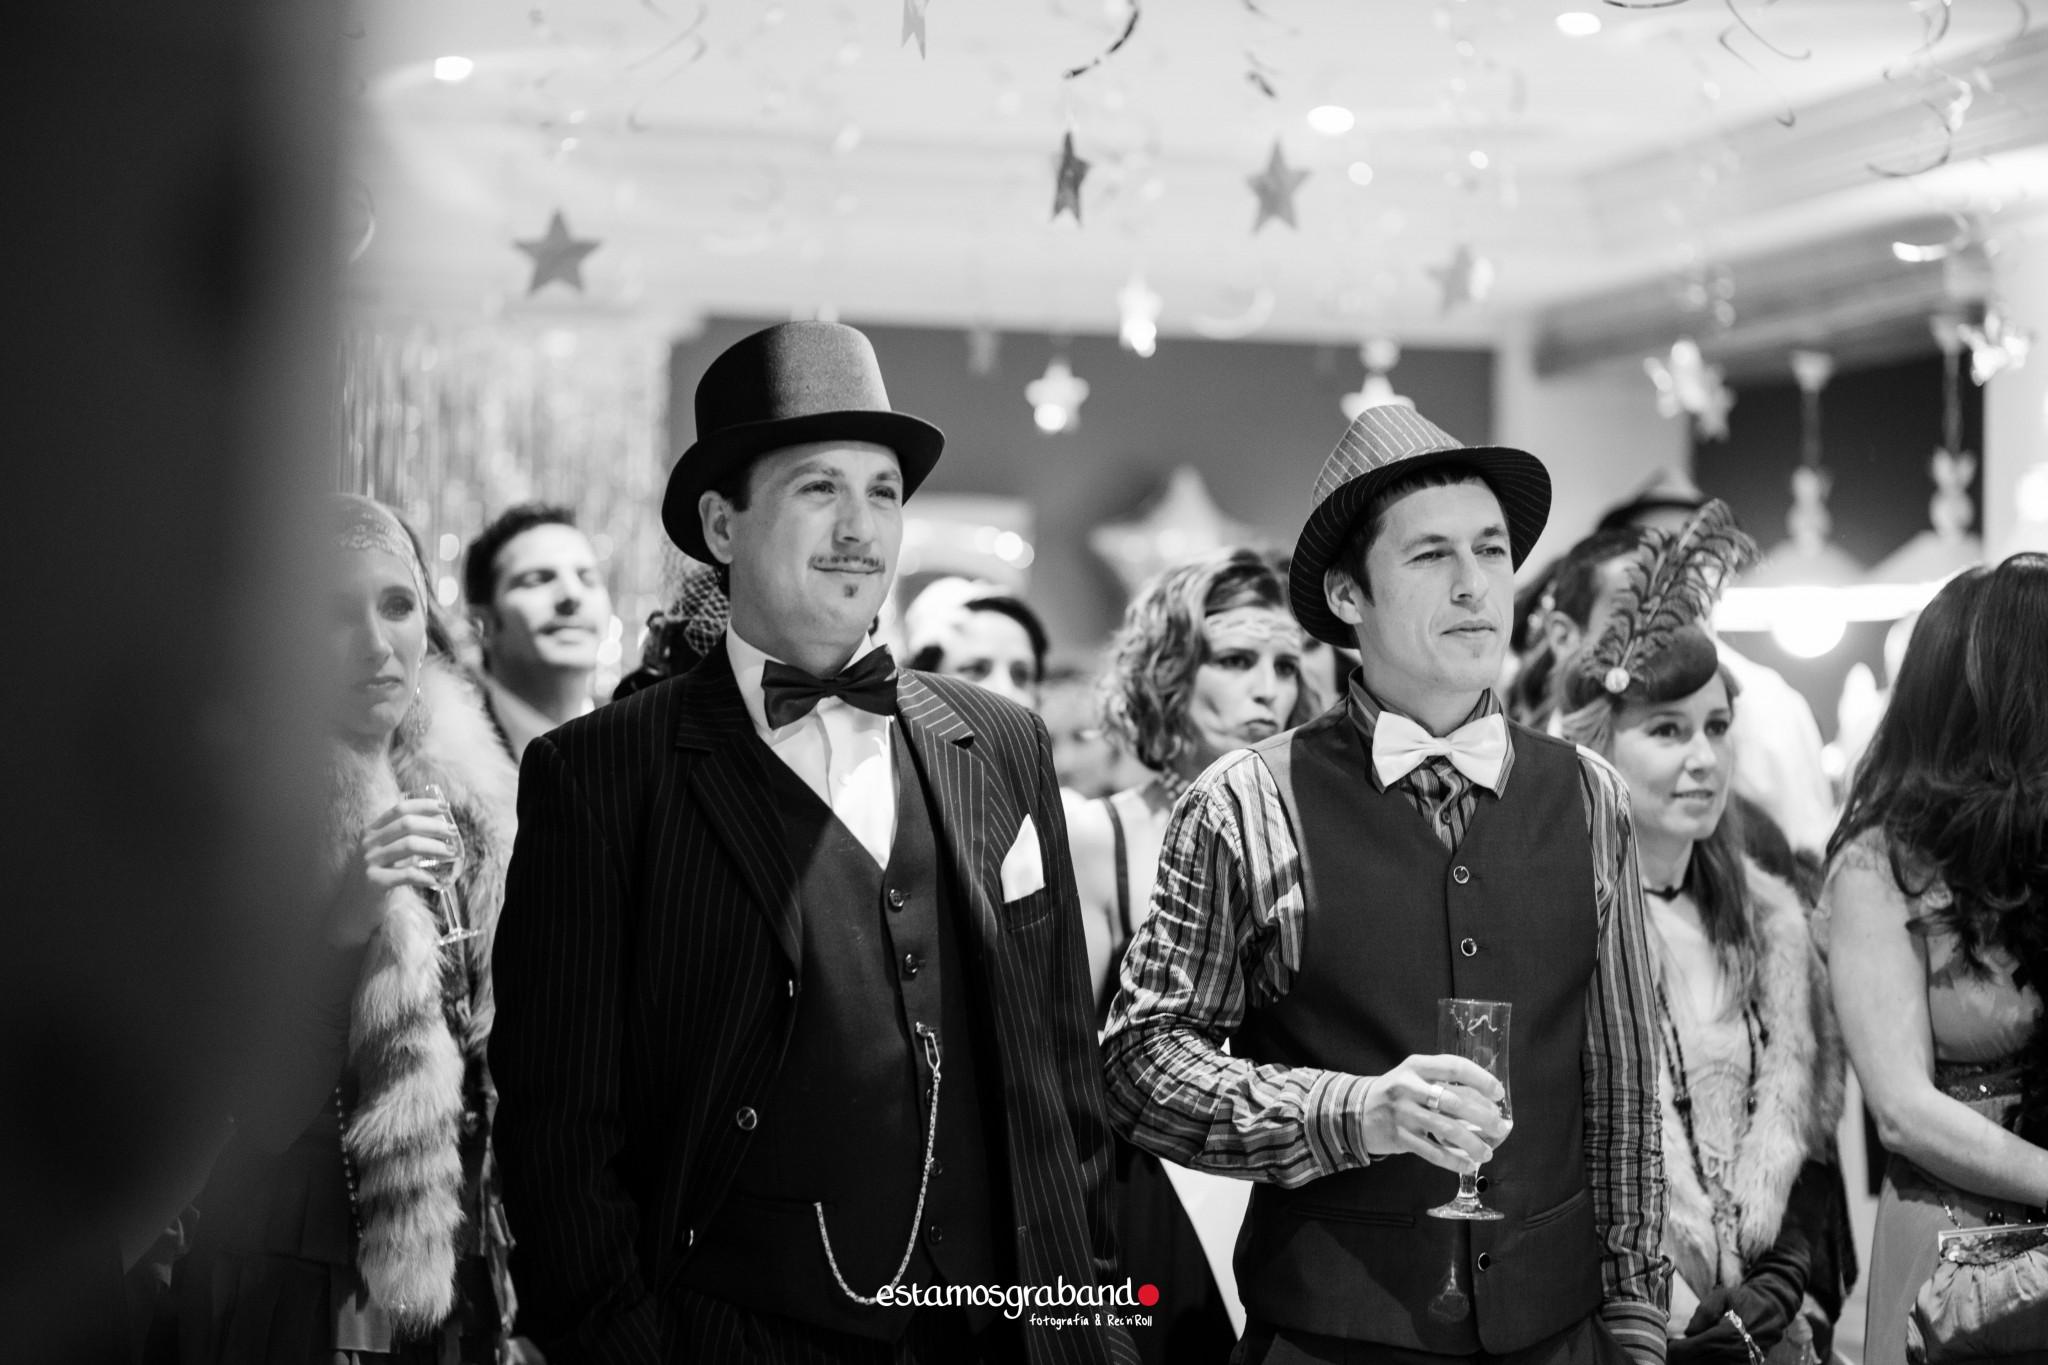 Años-20-BBTP-53-de-109 Los locos Años 20 [Fotografía en La Teta de Julieta, Cádiz] - video boda cadiz